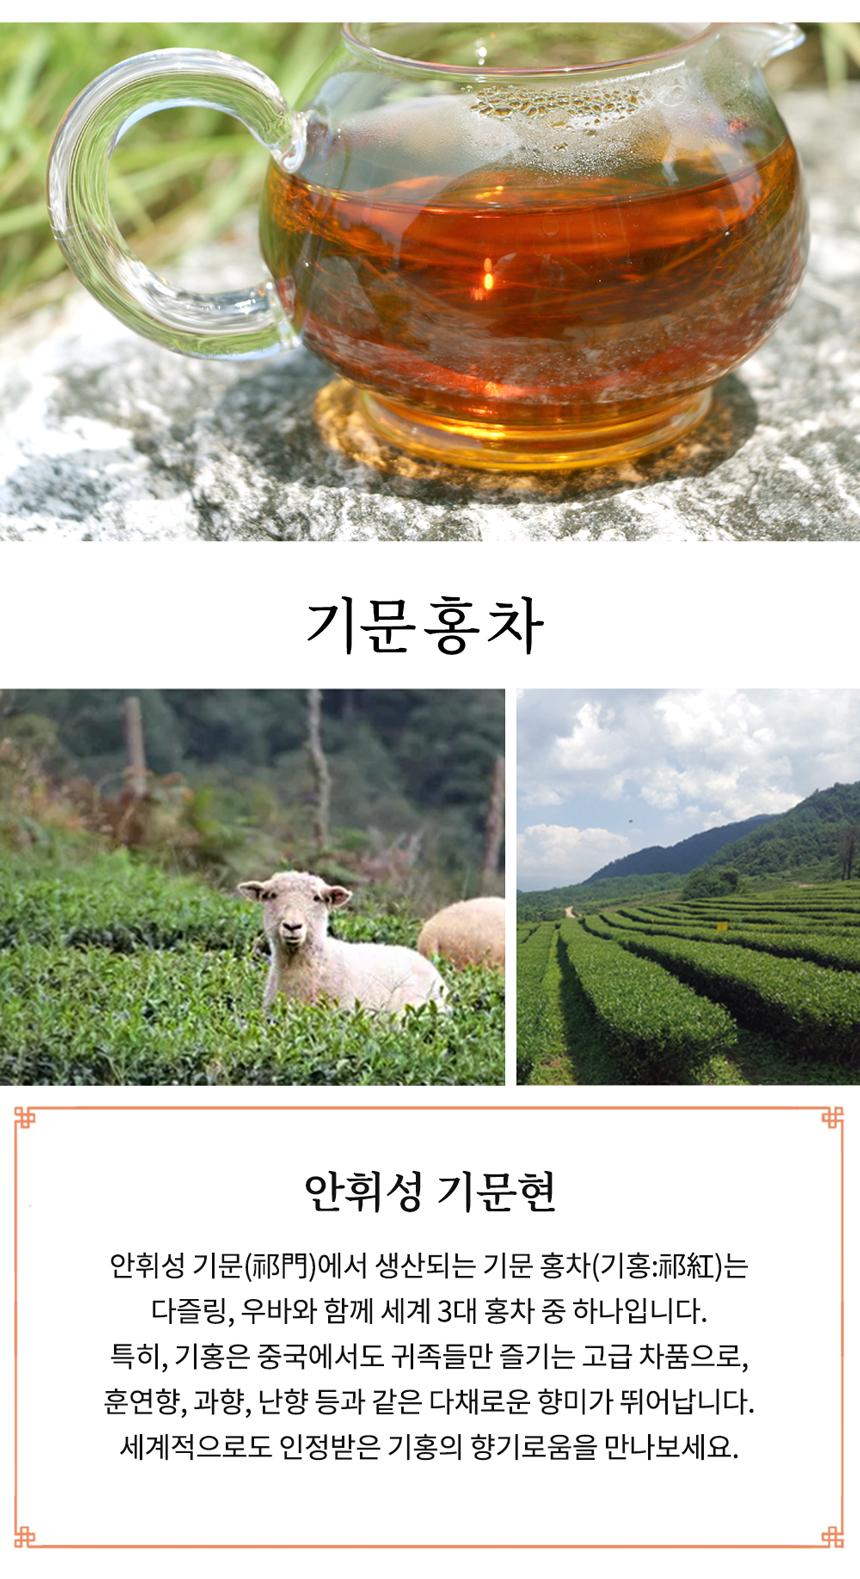 [실버파우치]기홍특급_03w.jpg